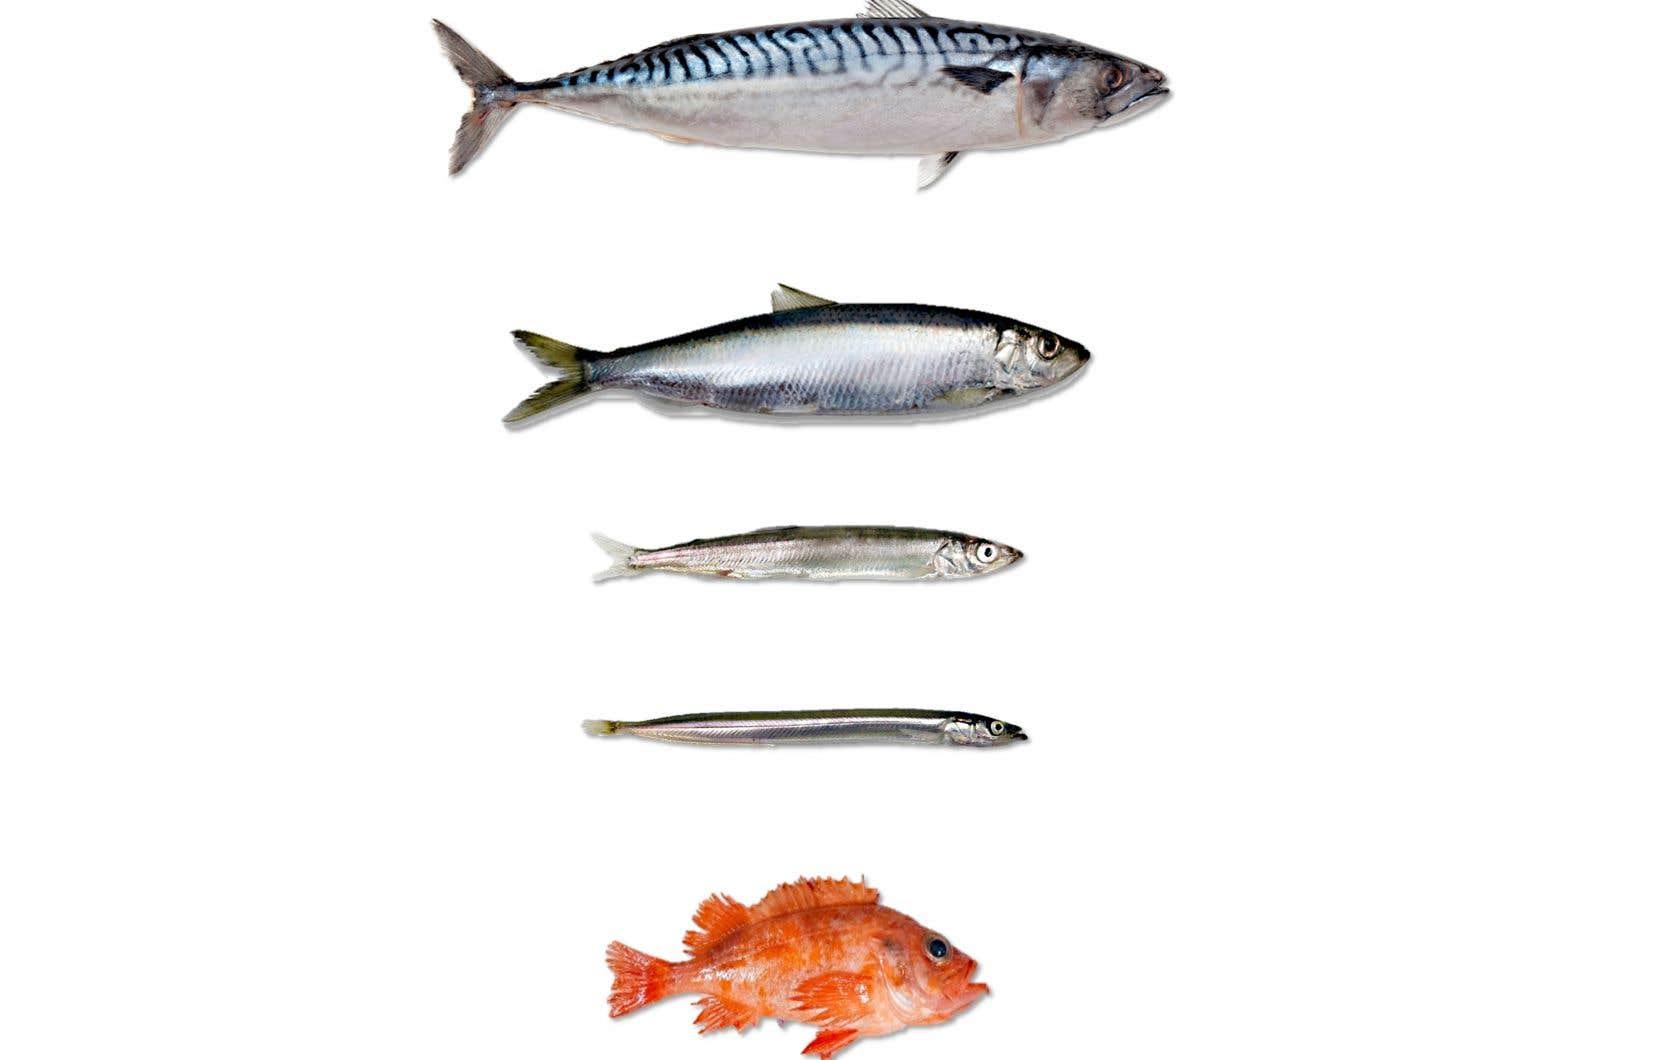 Cinq espèces de poissons que consomment les fous de Bassan: le maquereau, le hareng, le capelan, le lançon et le sébaste.